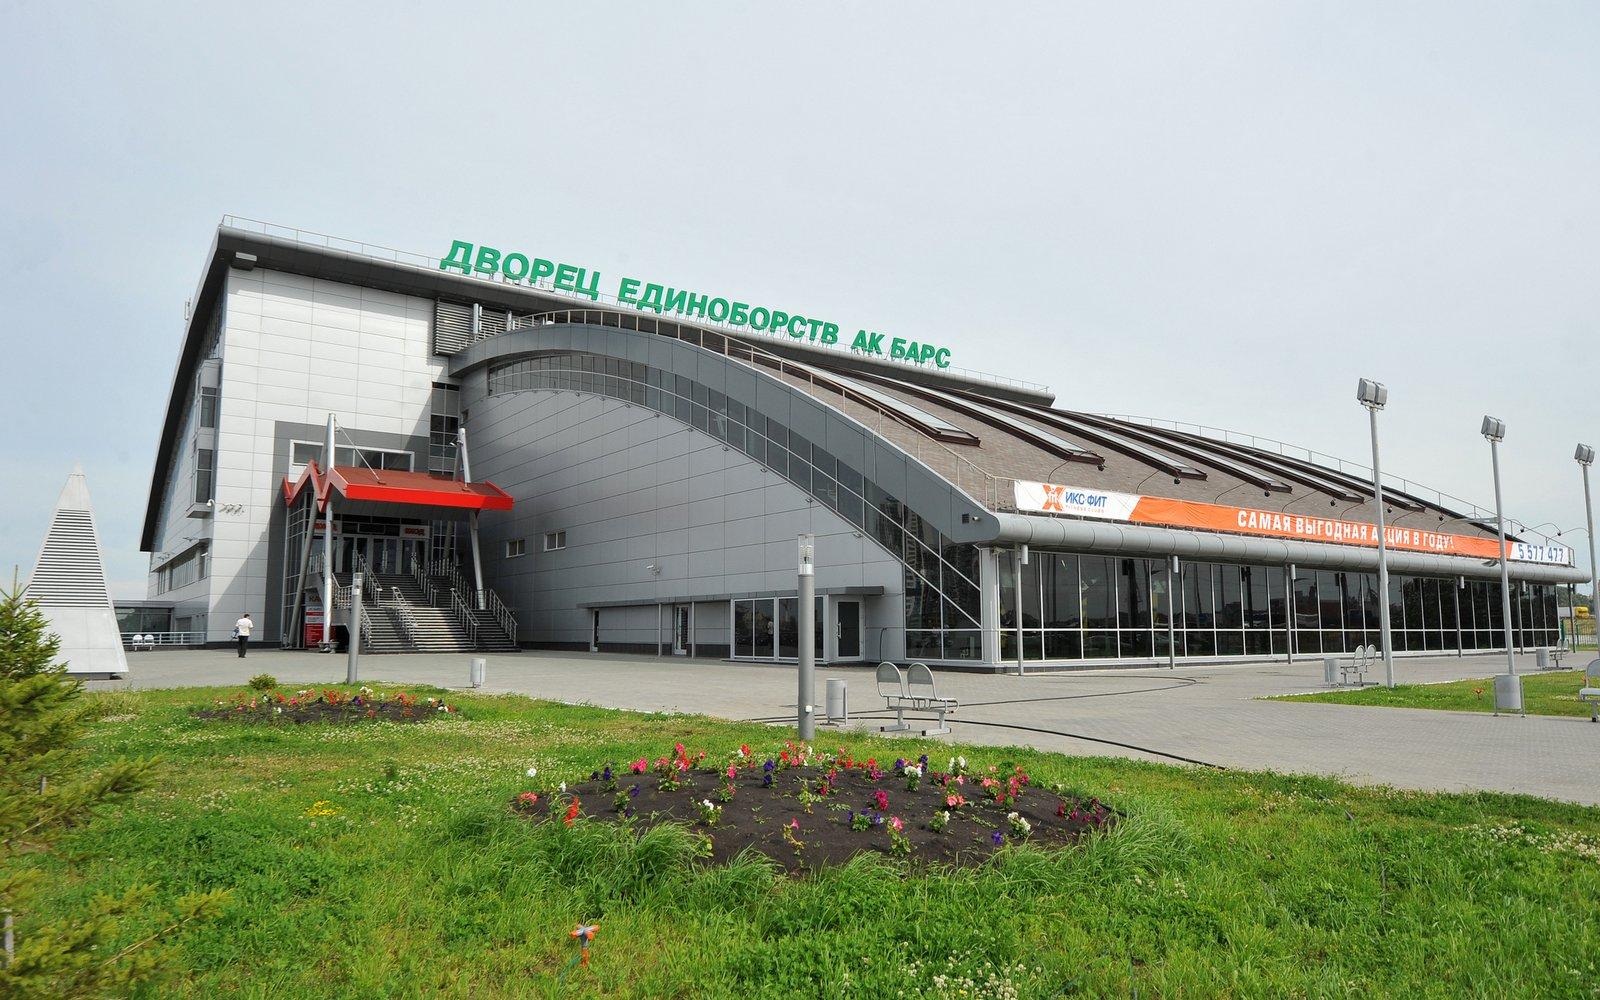 """Palast für Zweikämpfe """"Ak Bars"""" Stadt Kazan, Russland"""